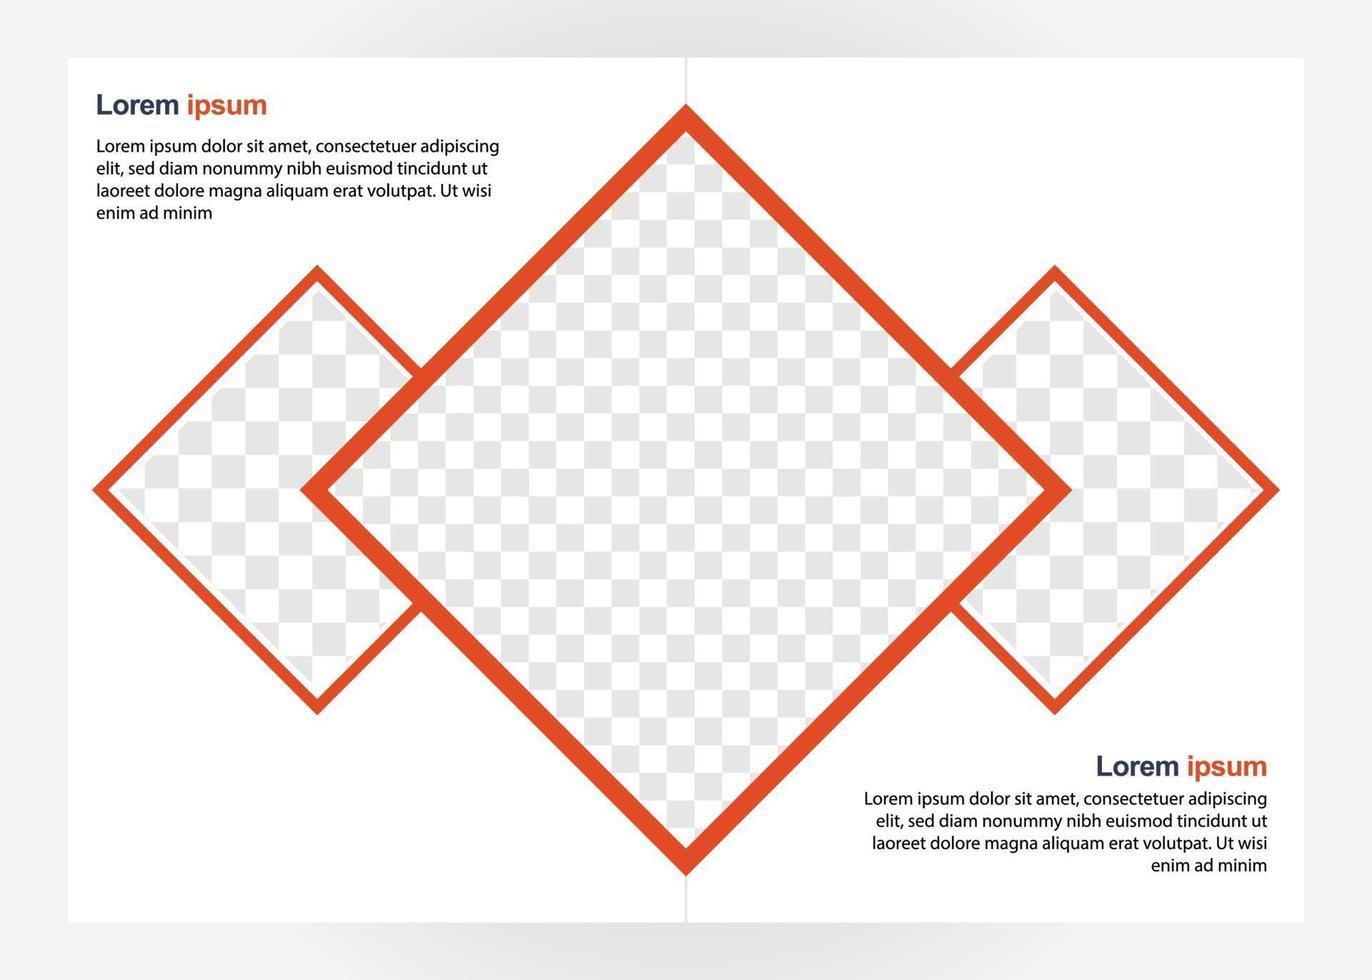 modelo de design de brochura de negócios. perfeito para brochuras, promoção de marketing, apresentação, etc. vetor